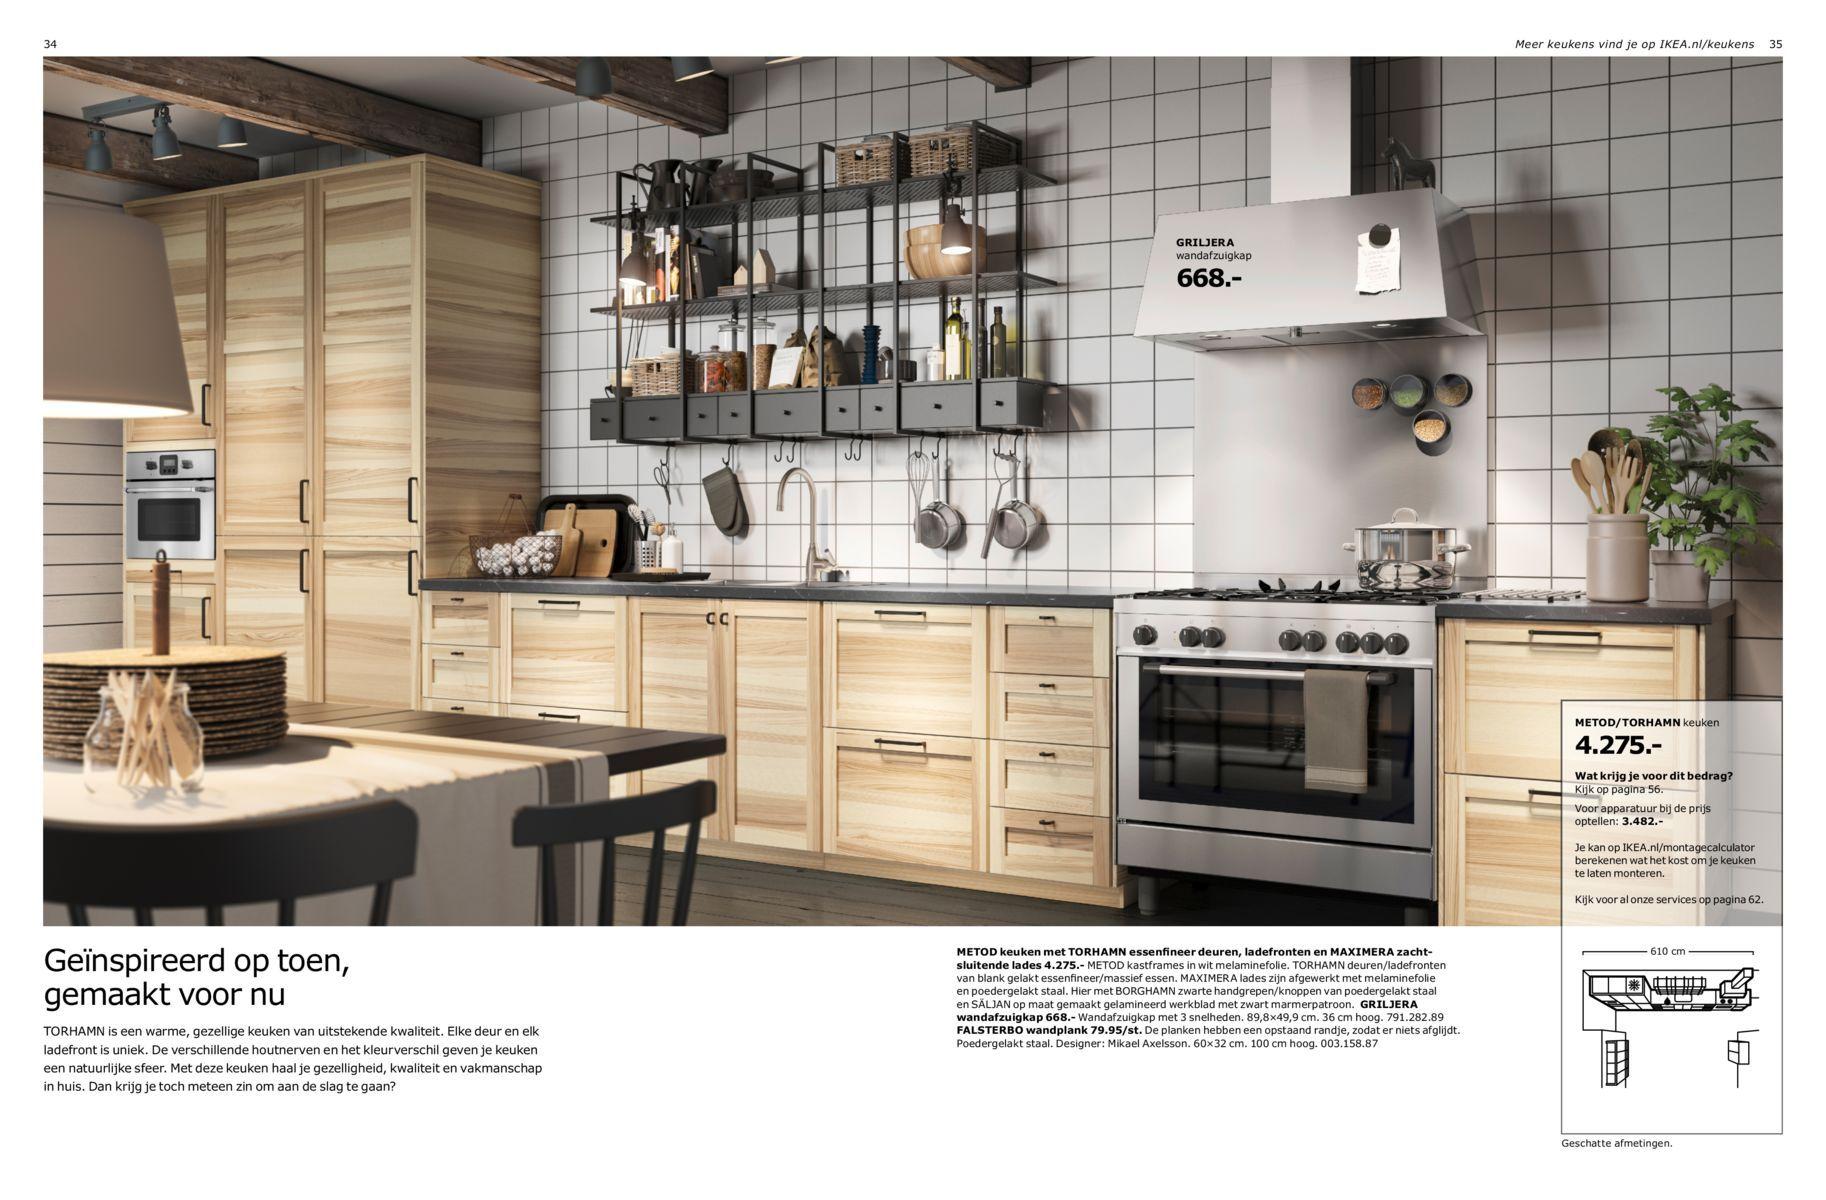 Iets Nieuws Ikea Keuken Afmetingen – Informatie Over de Keuken @JY27